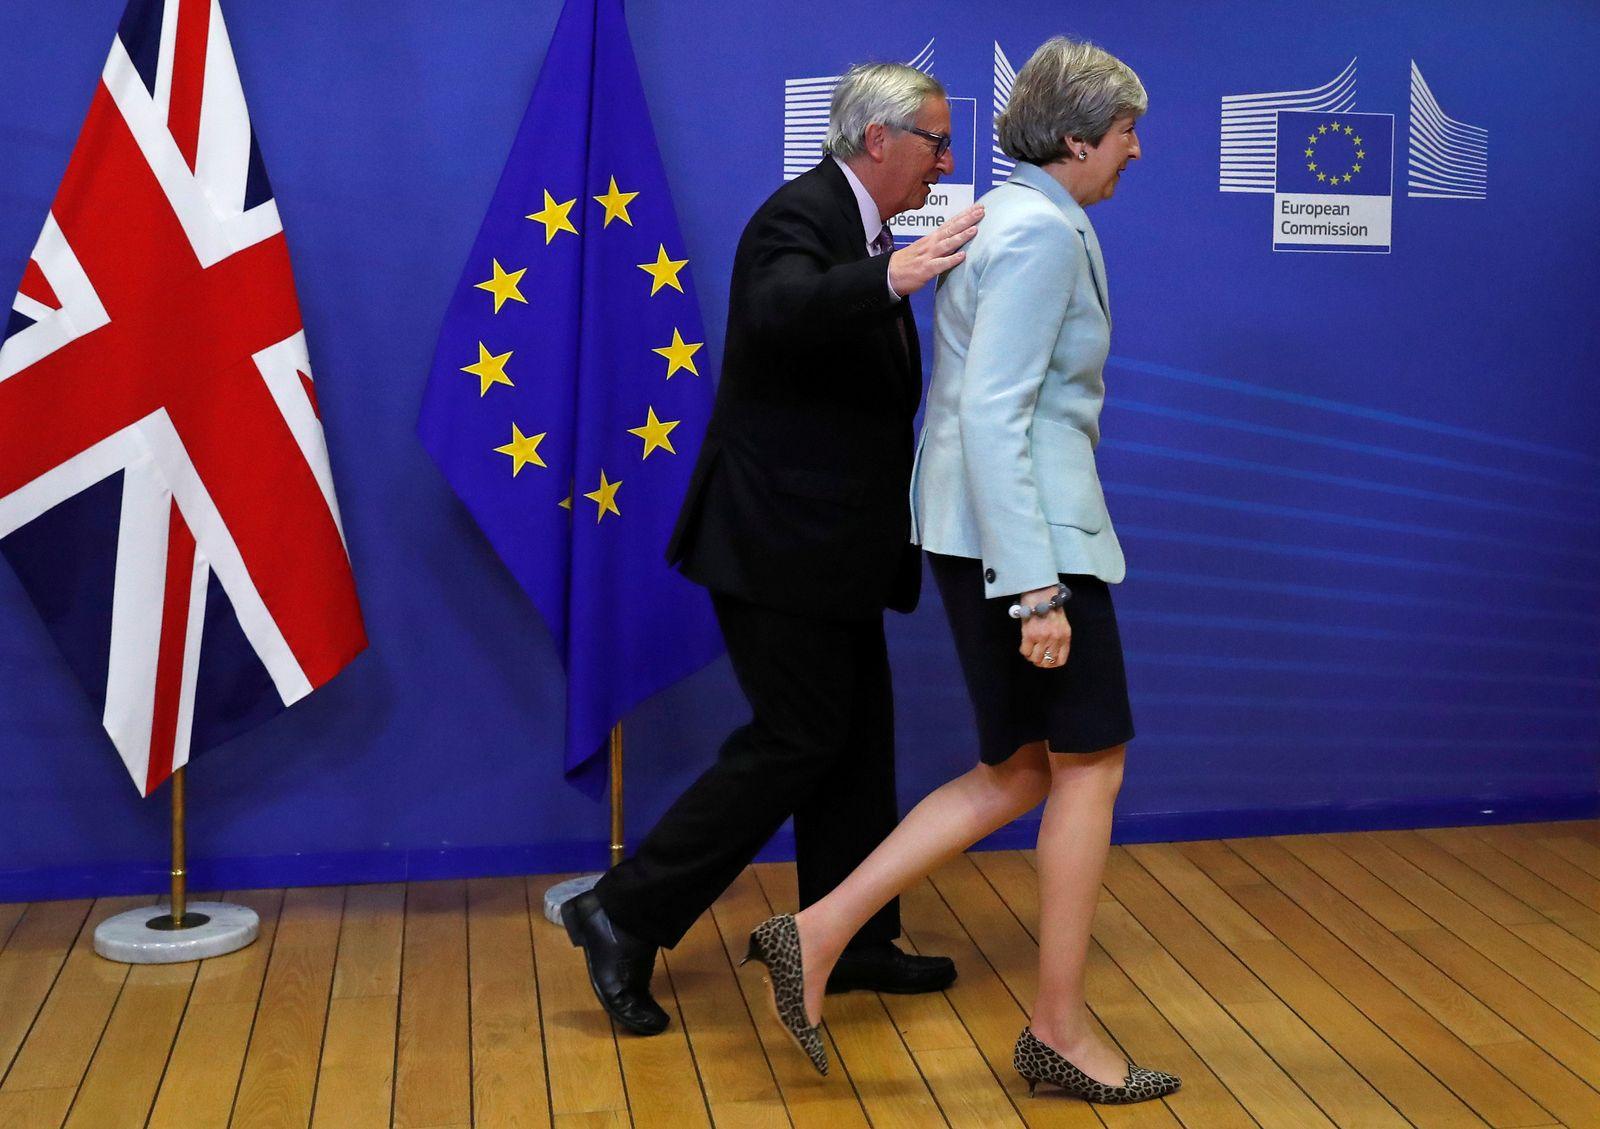 Brexit/ Brüssel/ May/ Juncker 8/12/17